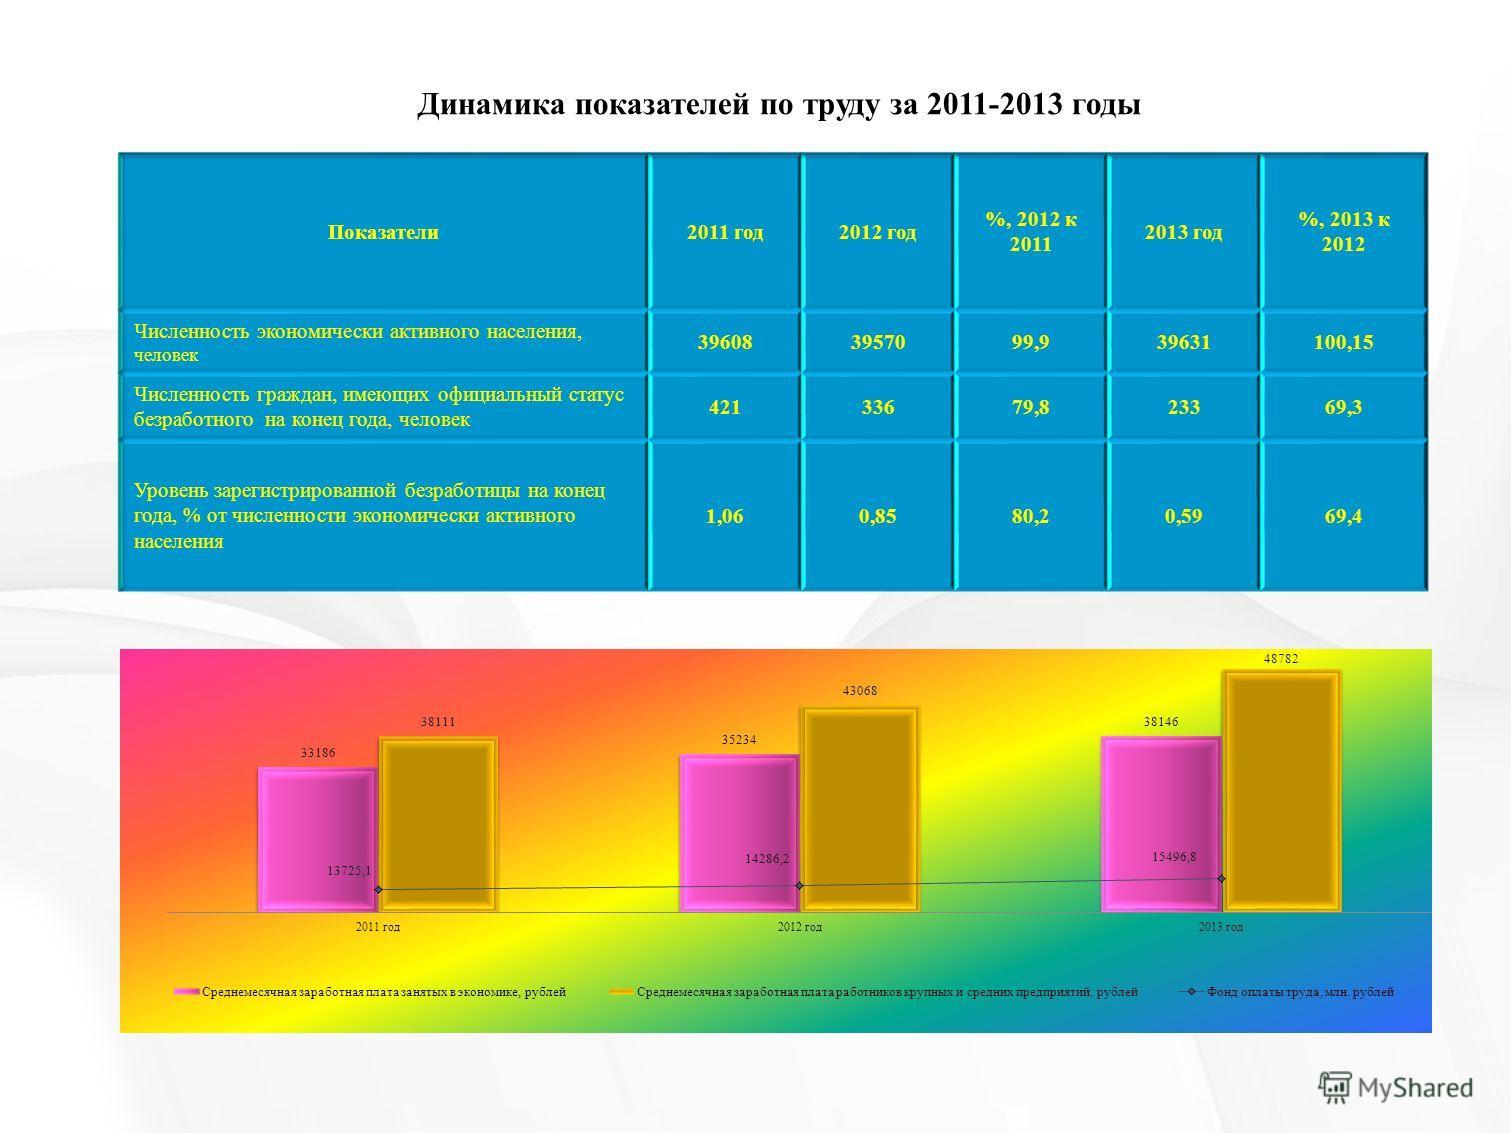 Динамика показателей по труду за 2011-2013 годы